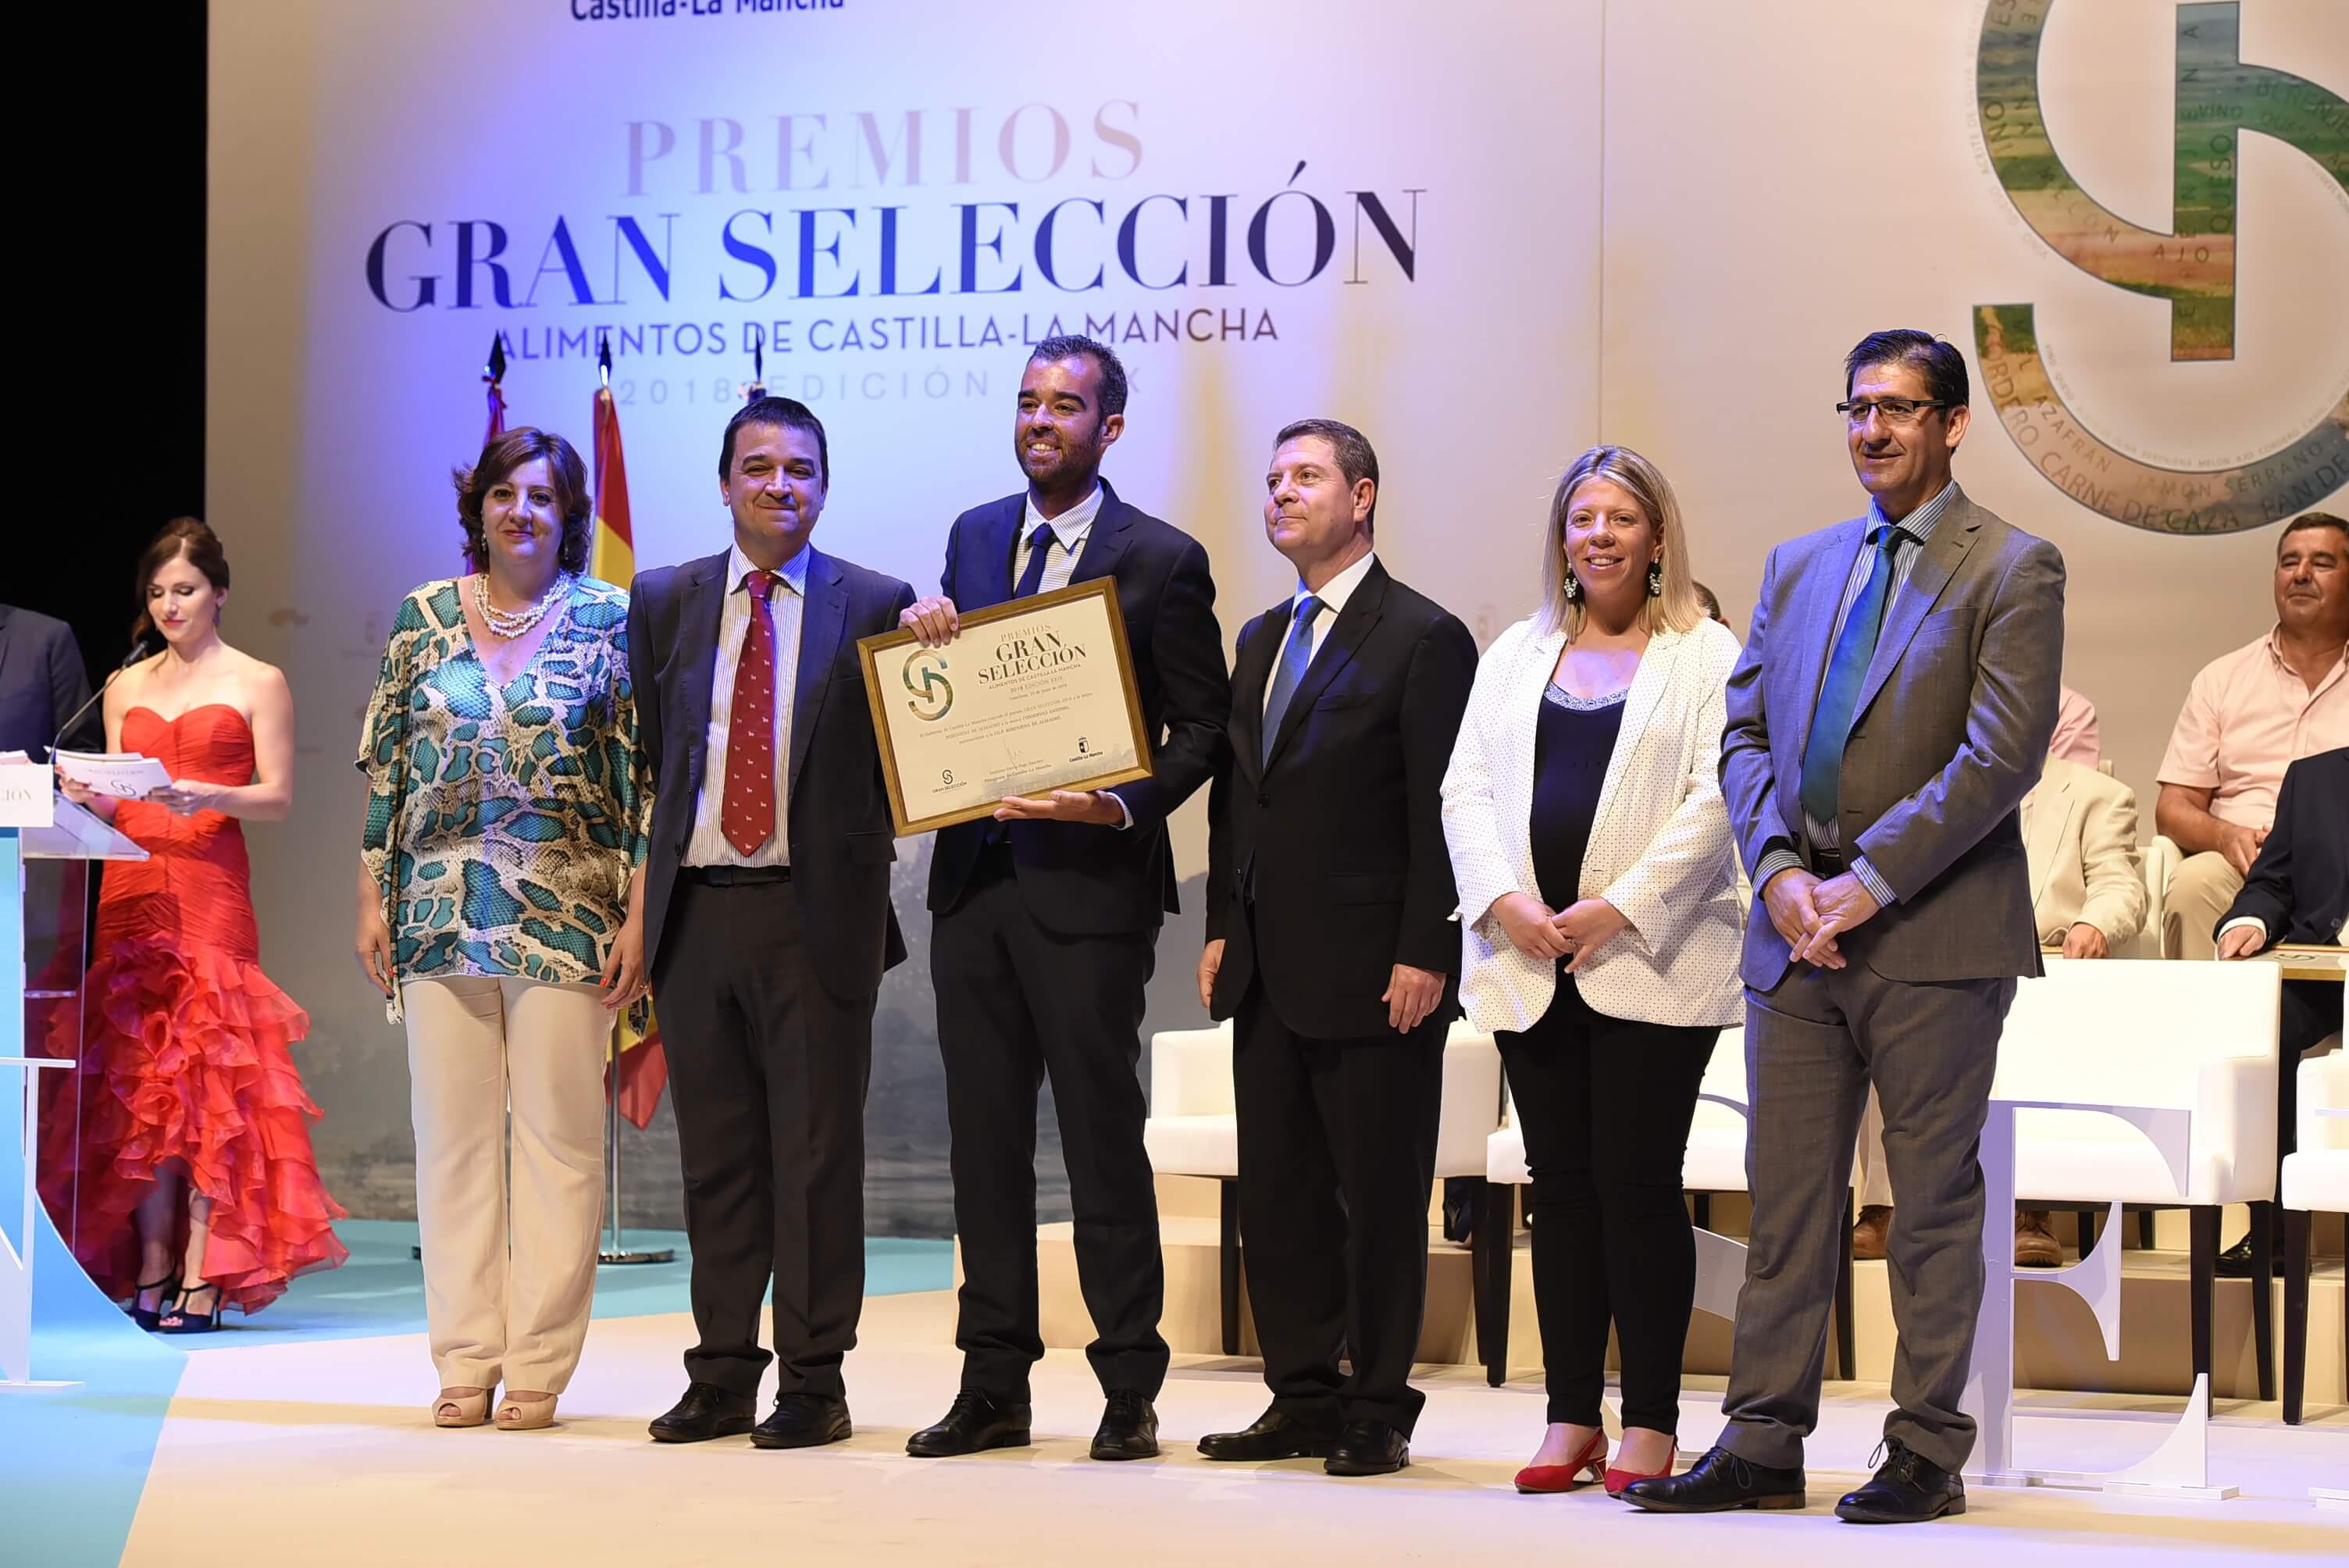 Conservas Antonio, the best Almagro Aubergine in Los Premios Gran Selección 2018